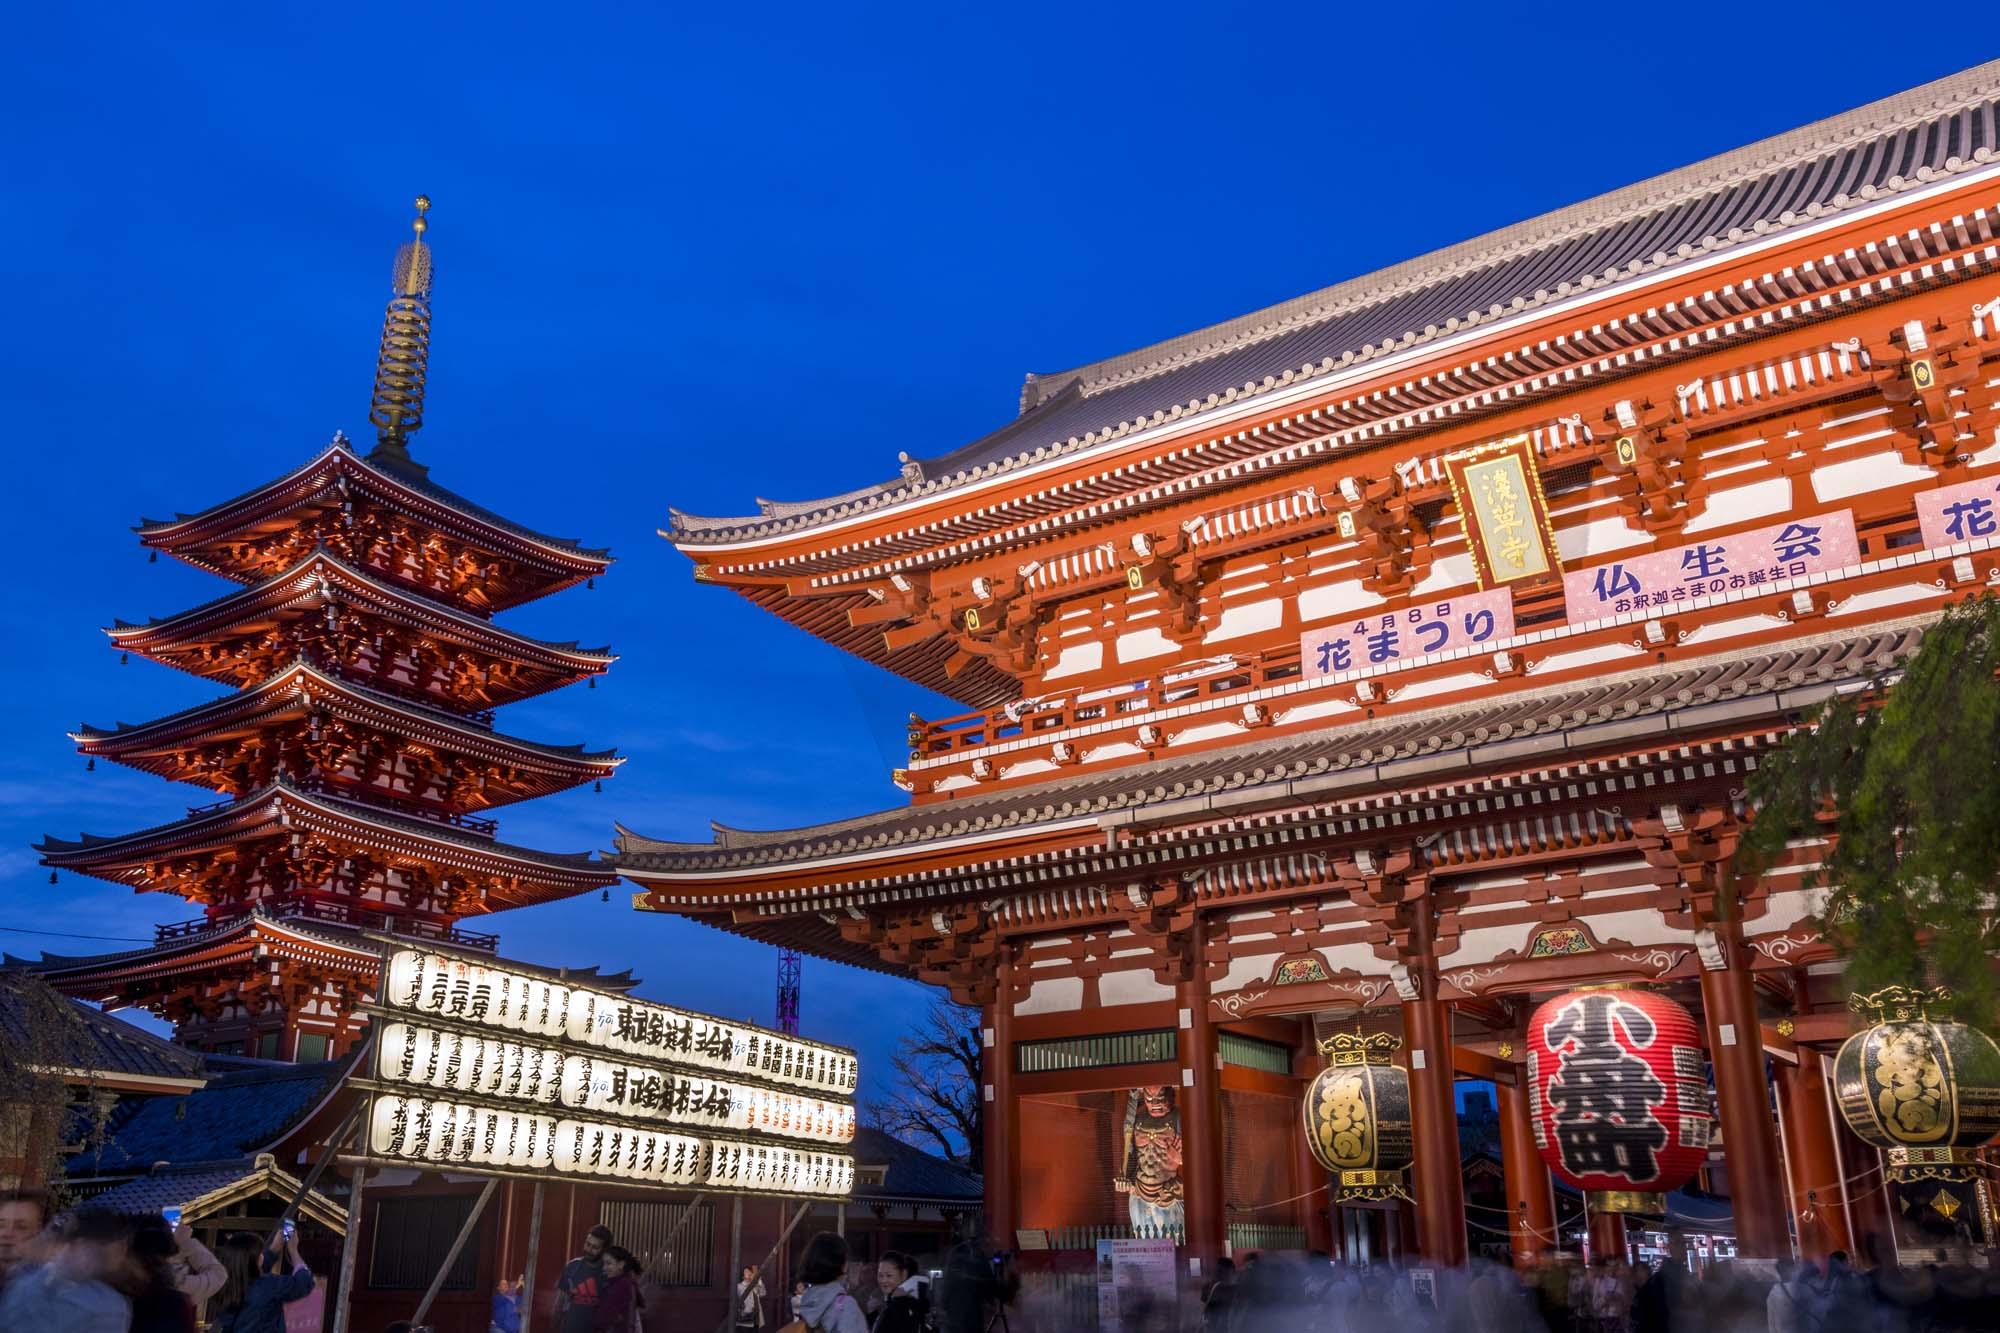 Sensō-ji dans la ville de Tōkyō au Japon